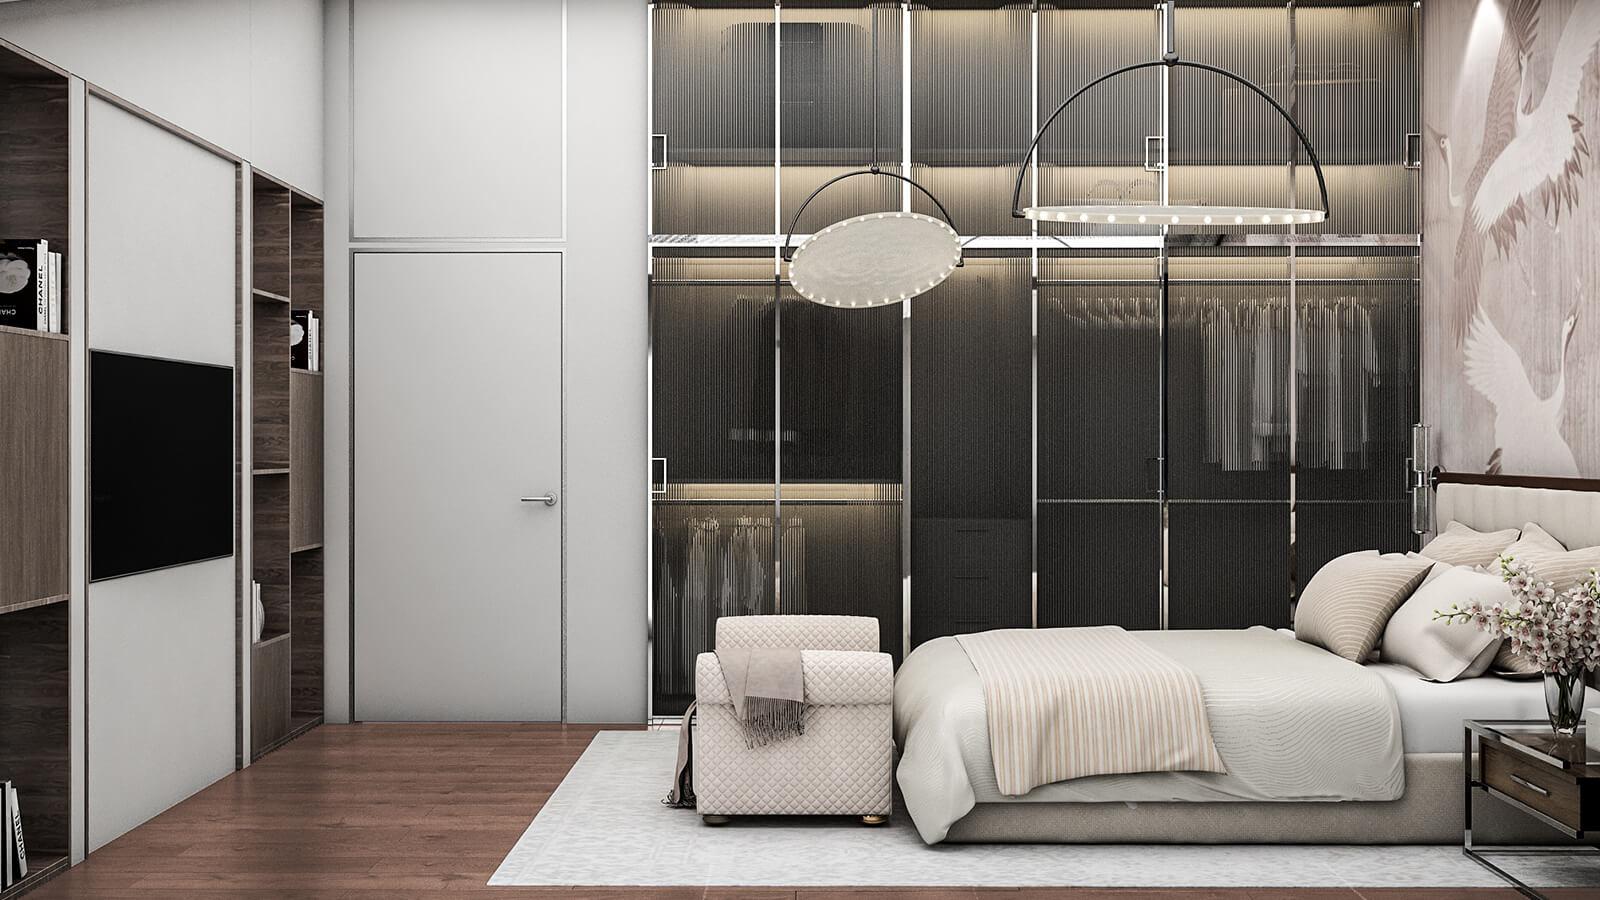 interioren-dizain-na-kashta-proekt-na-spalnya-1